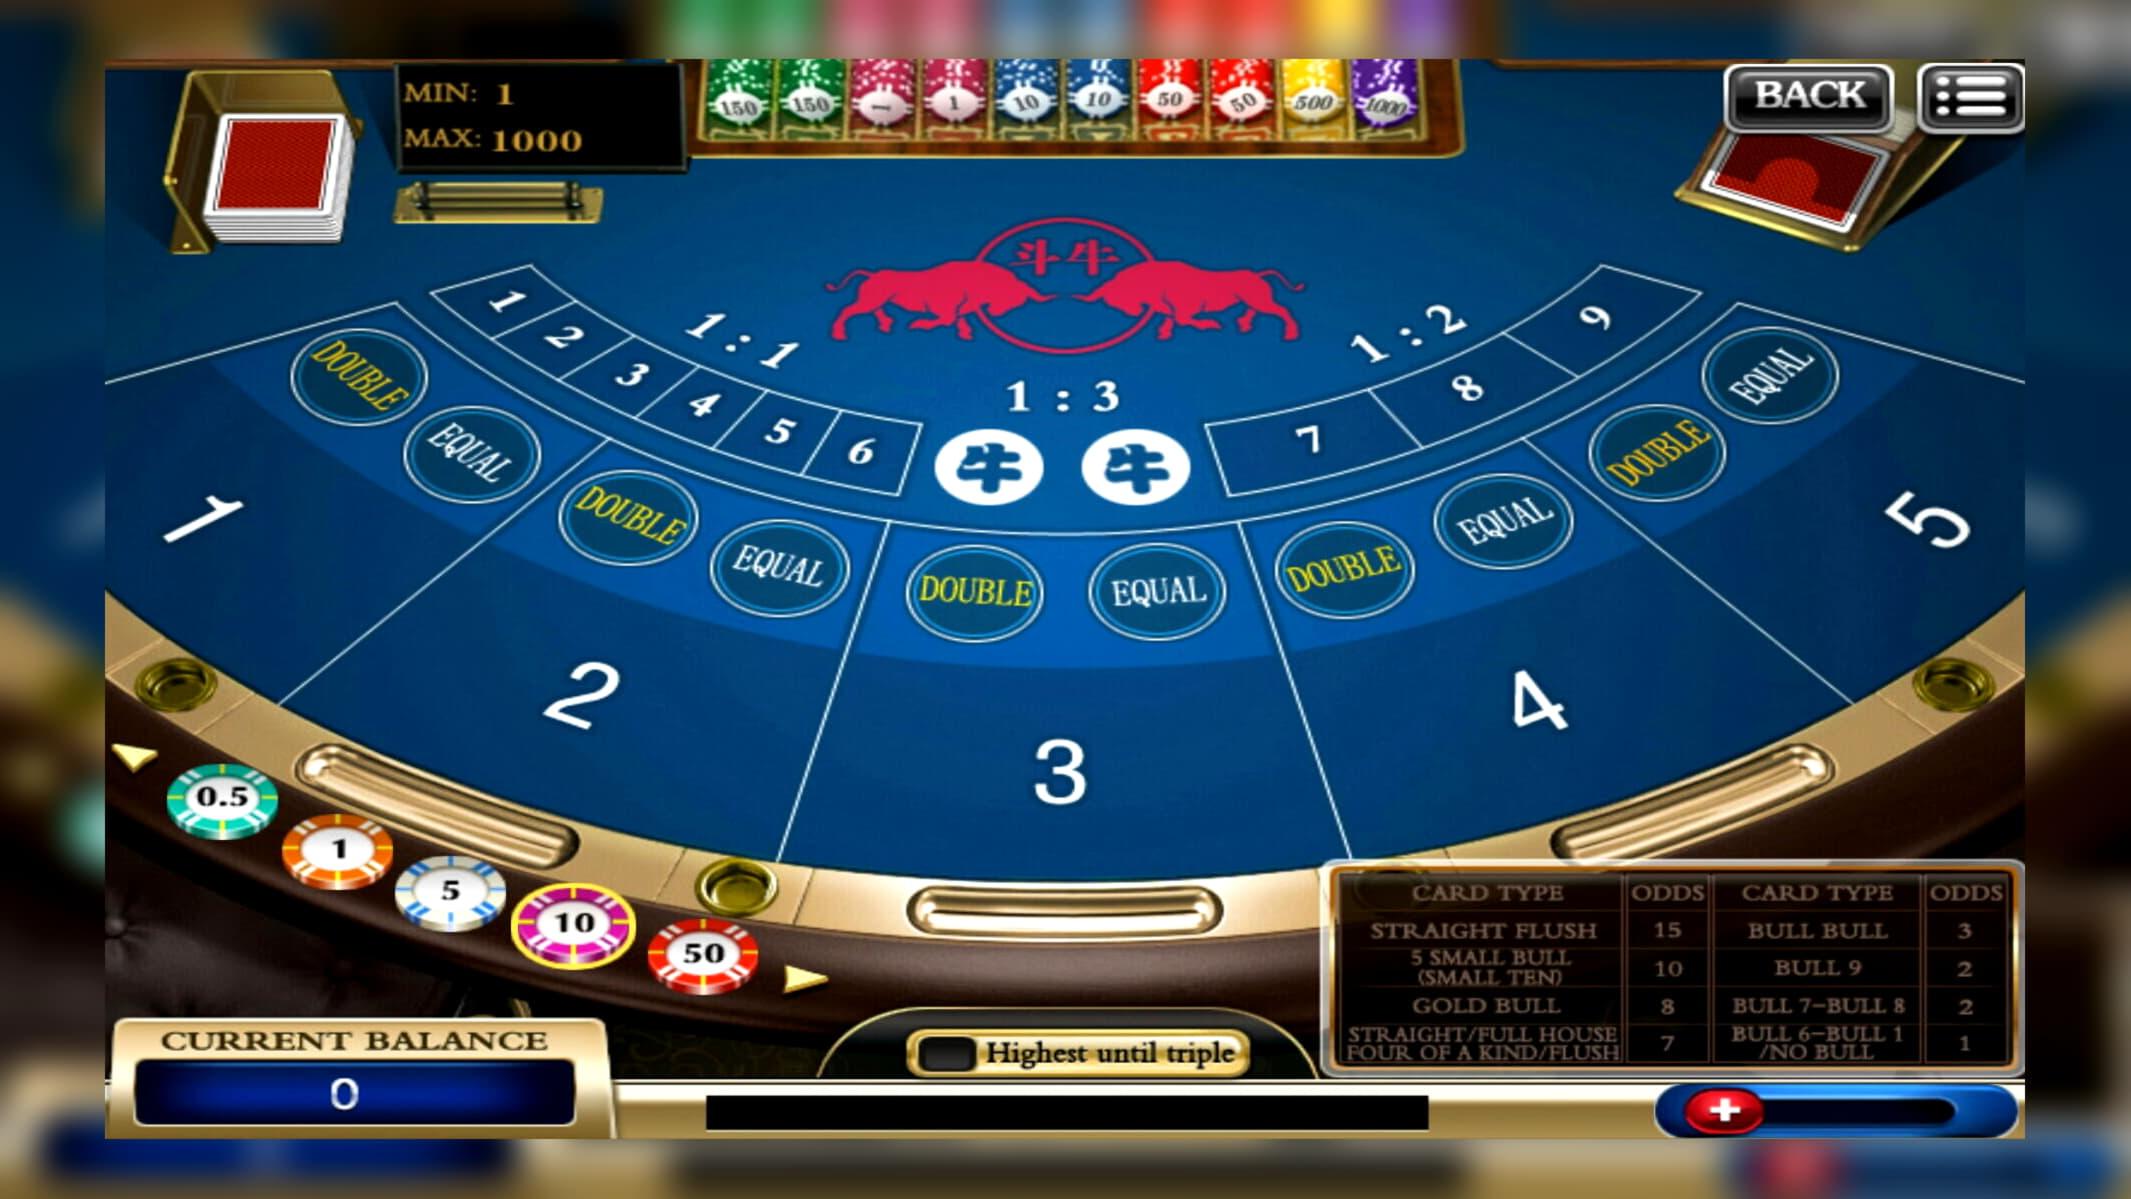 180 สปินฟรีโลยัลตี้! ที่ Slots Of Vegas Casino